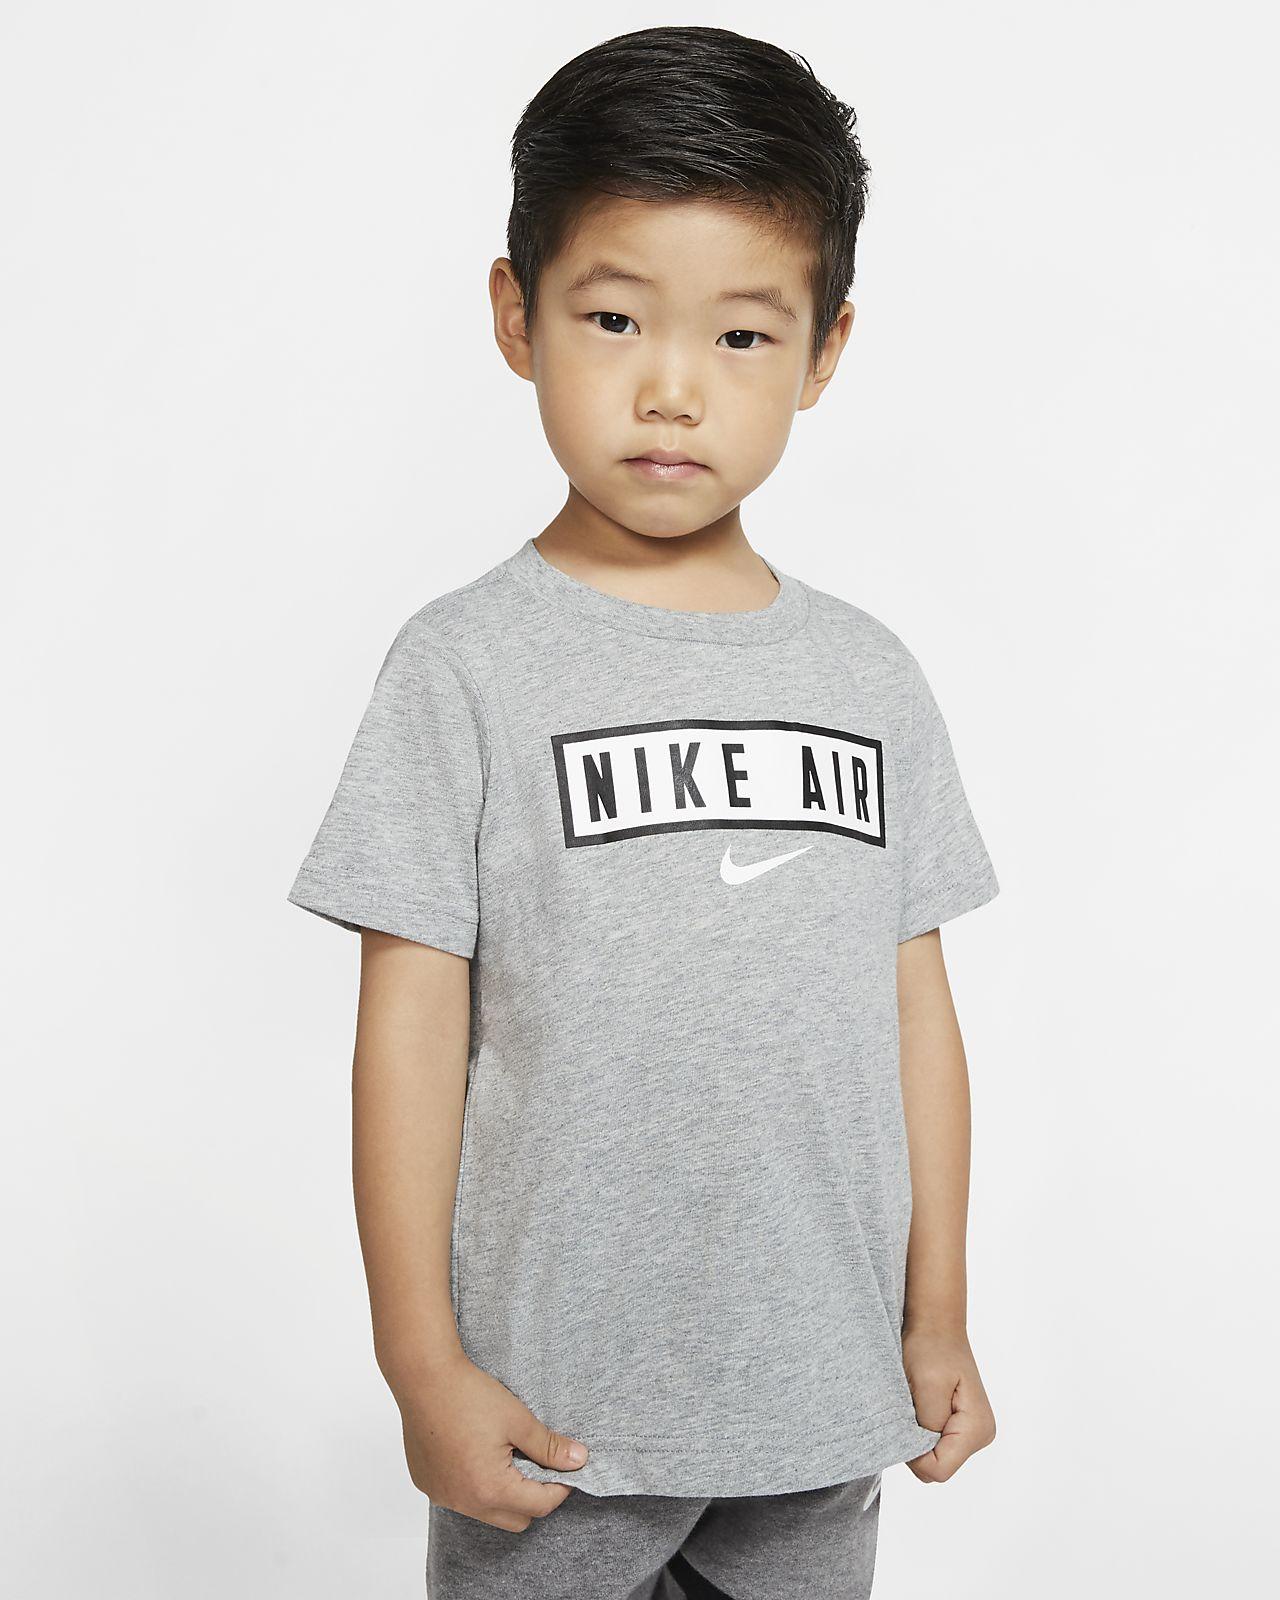 Tee-shirt à manches courtes Nike Air pour Petit enfant